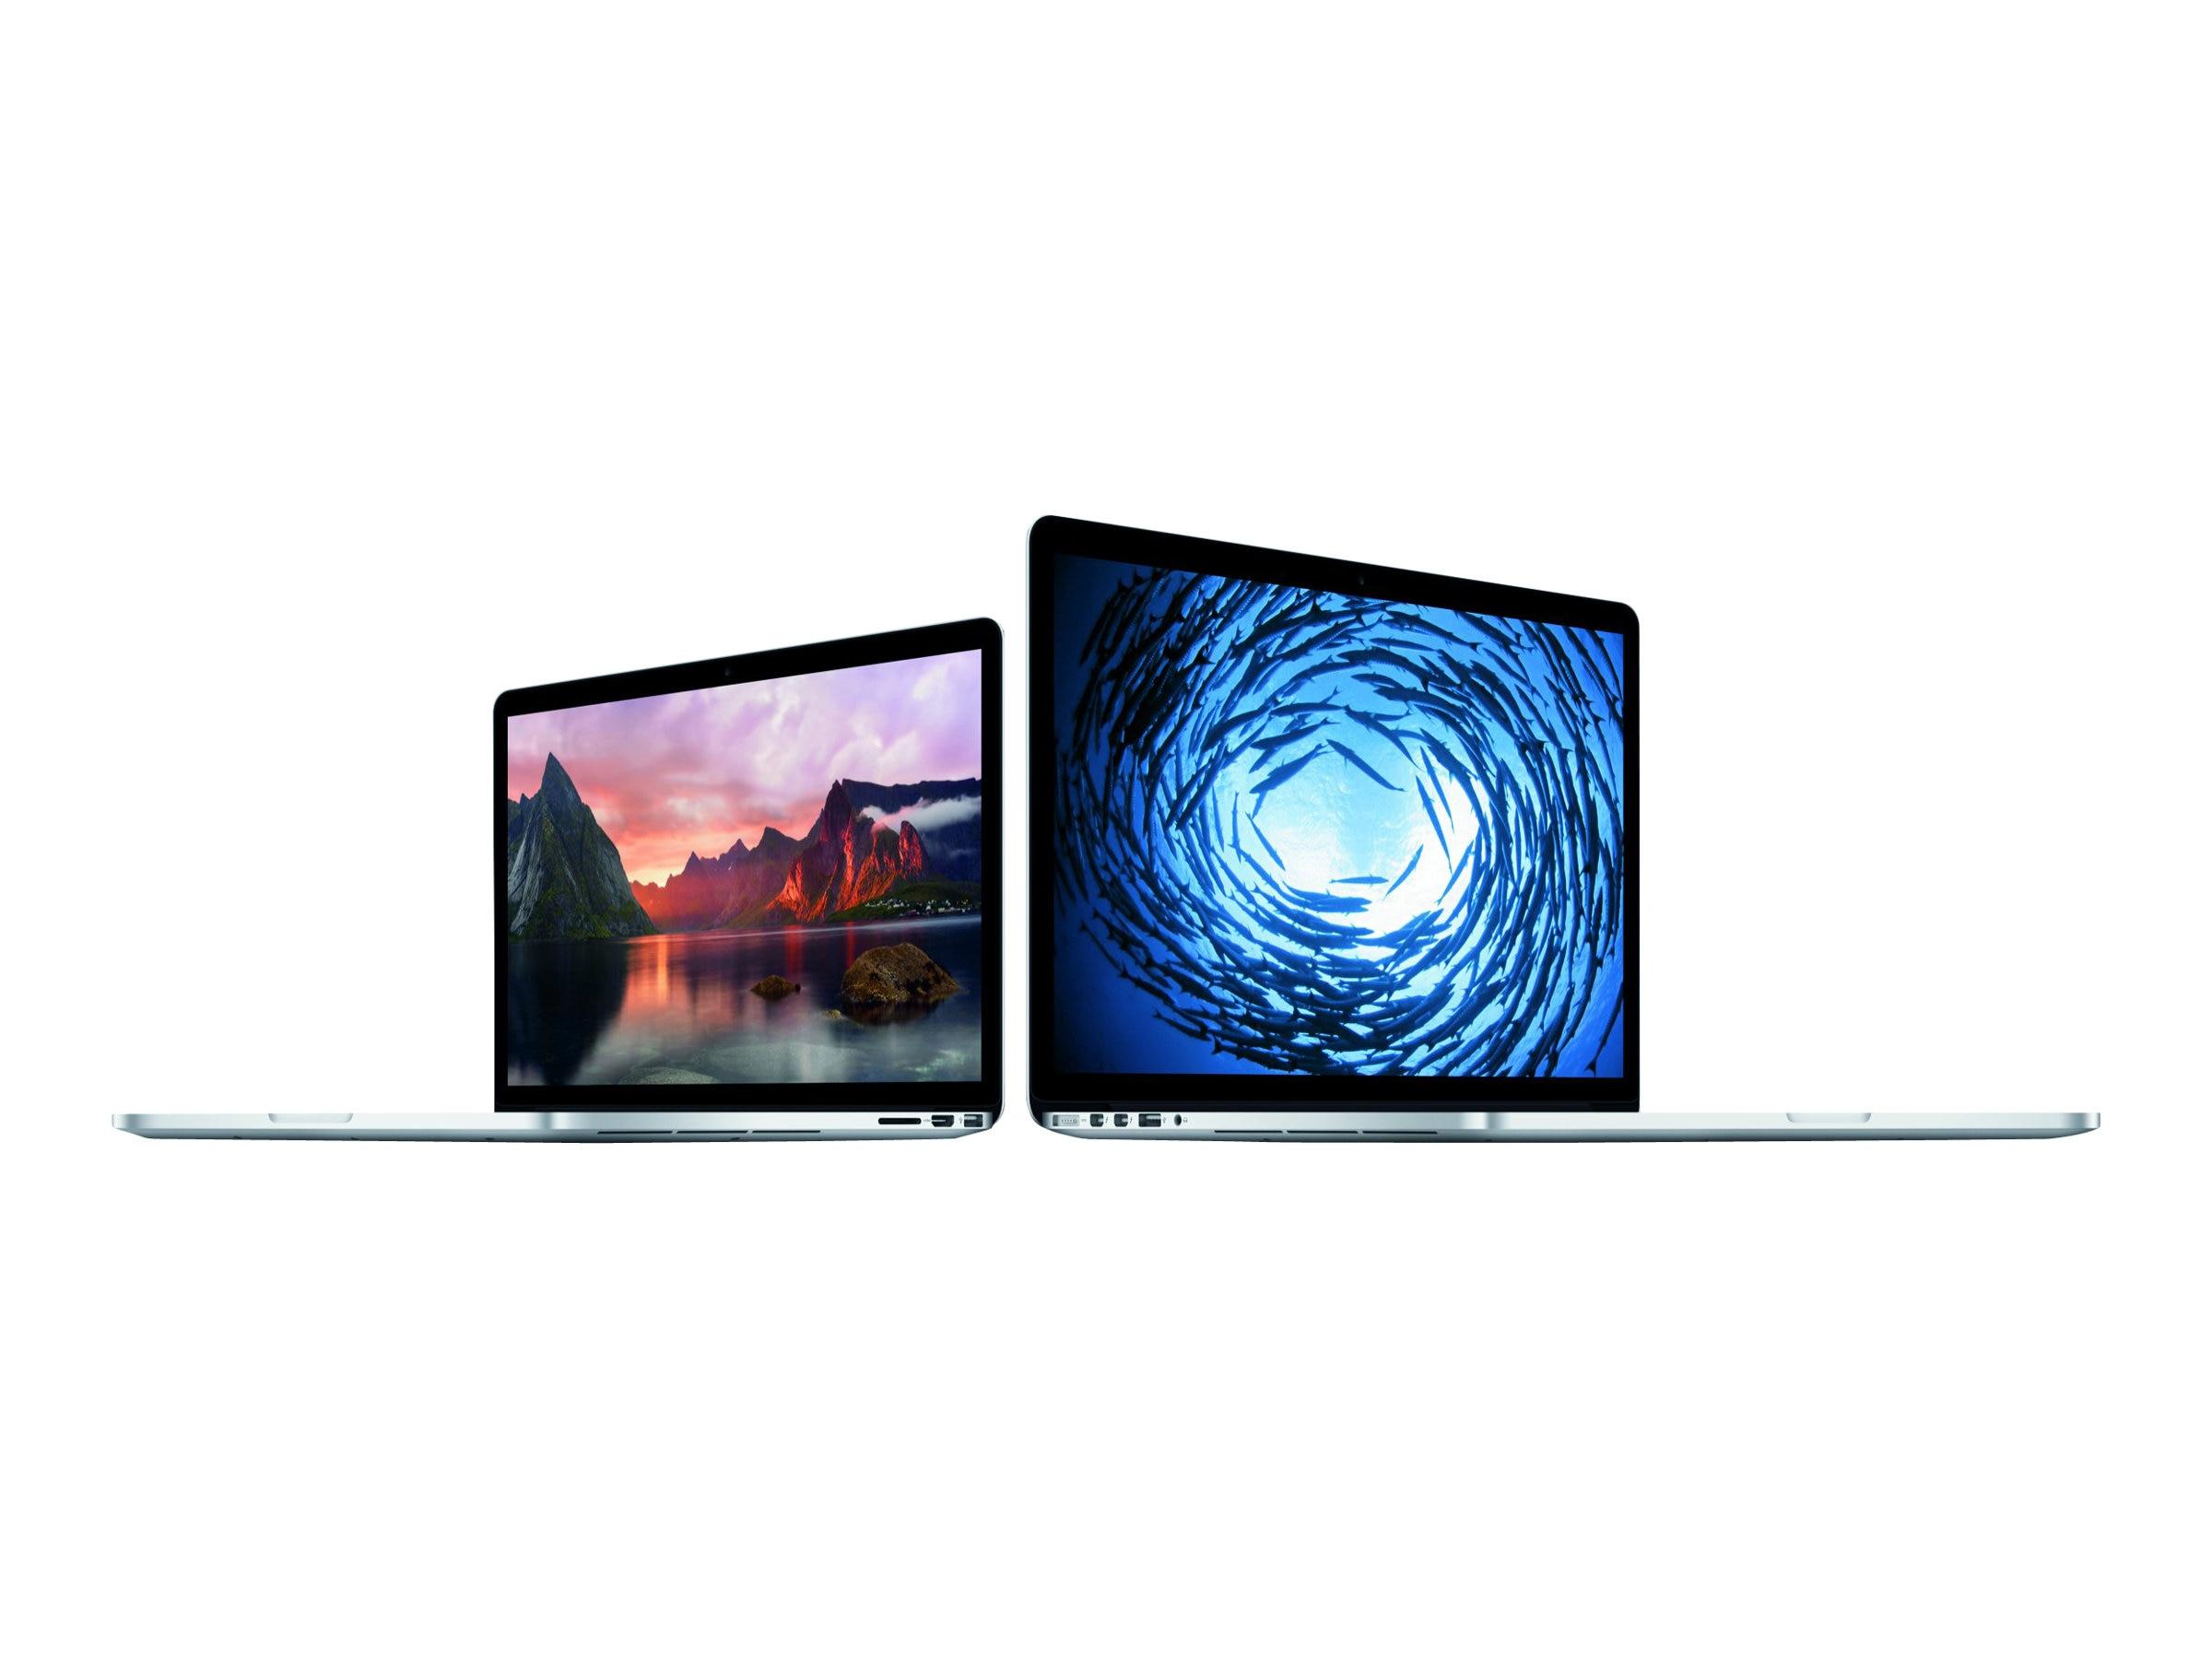 Apple MacBook Pro 13 Retina Display 2.7GHz Core i5 8GB 128GB Flash Iris 6100, MF839LL/A, 18793889, Notebooks - MacBook Pro 13